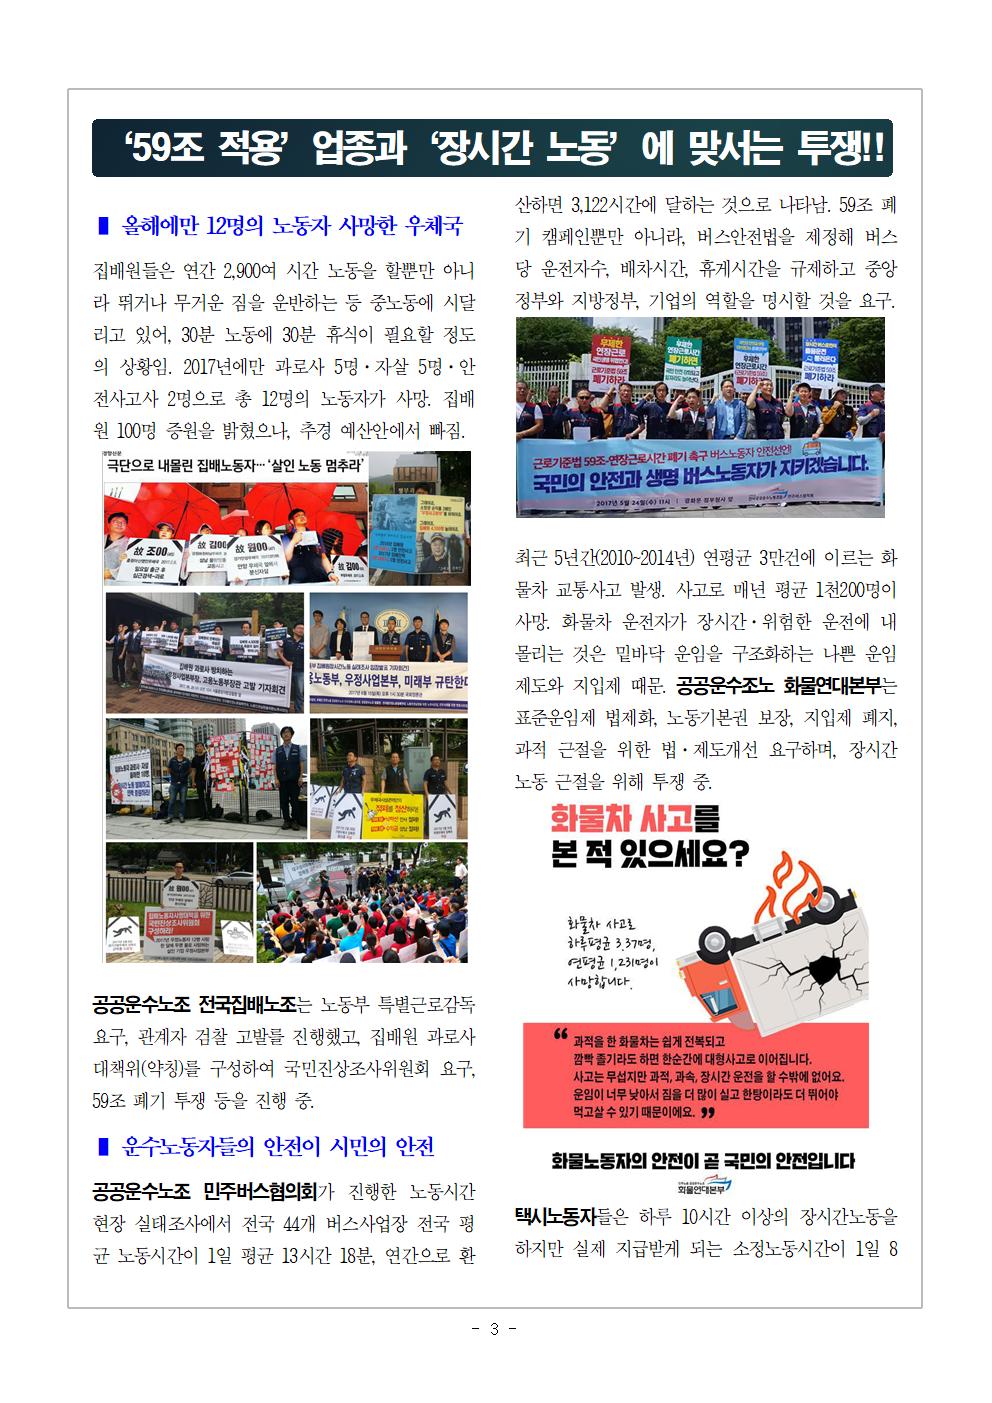 [2017교육지-7] 근기법 59조 폐기003.png